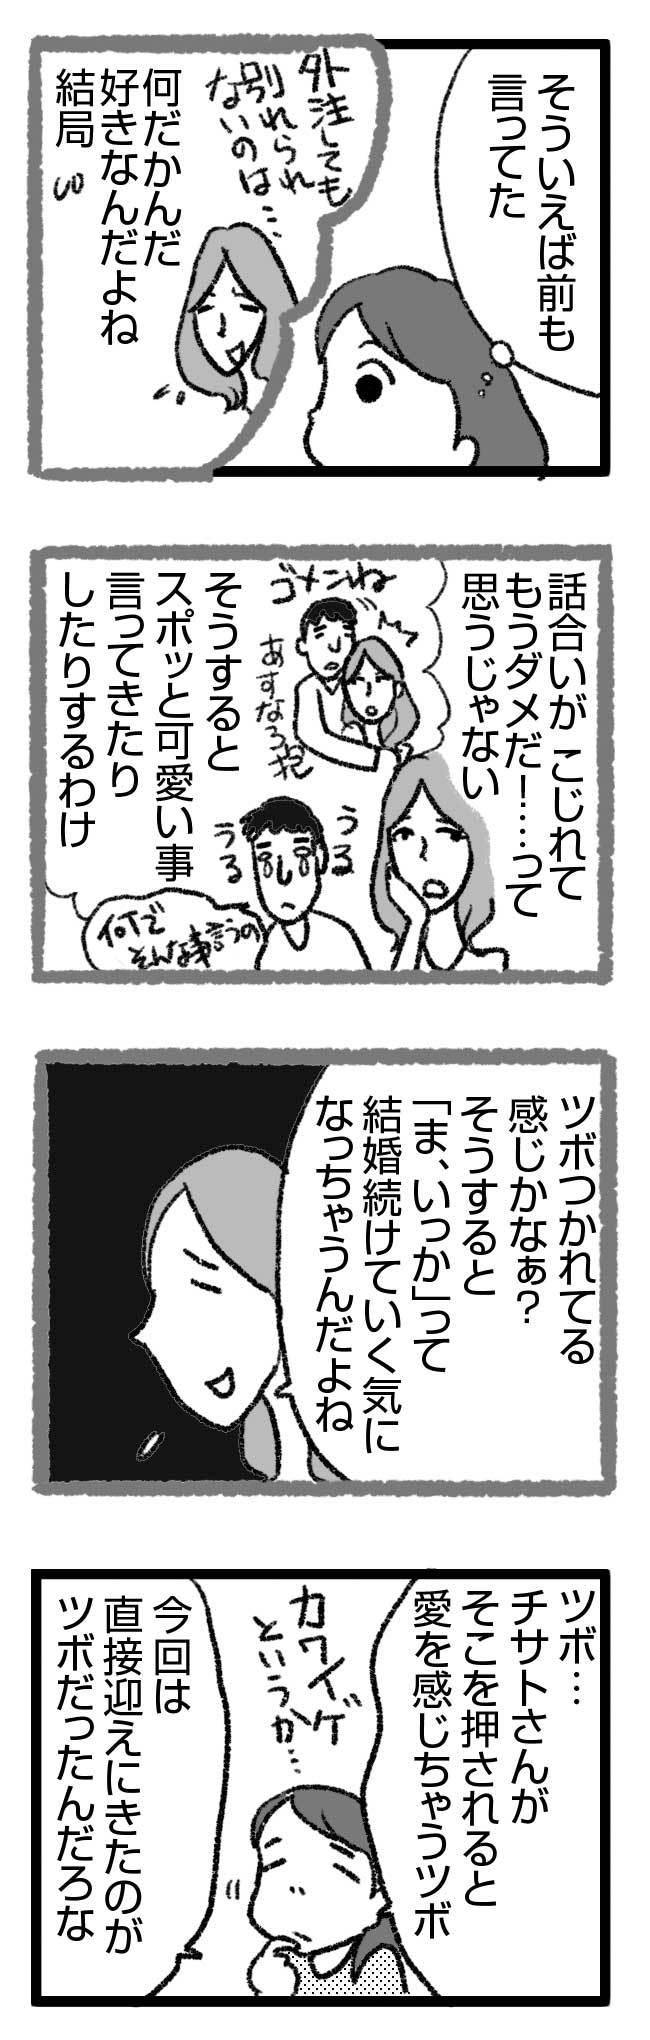 605 愛情ツボ 1 結婚 離婚 レス 夫婦 病 自立 別居 別 夫 セックス なし 離婚 理由 寂 不倫  漫画 まんが マンガ